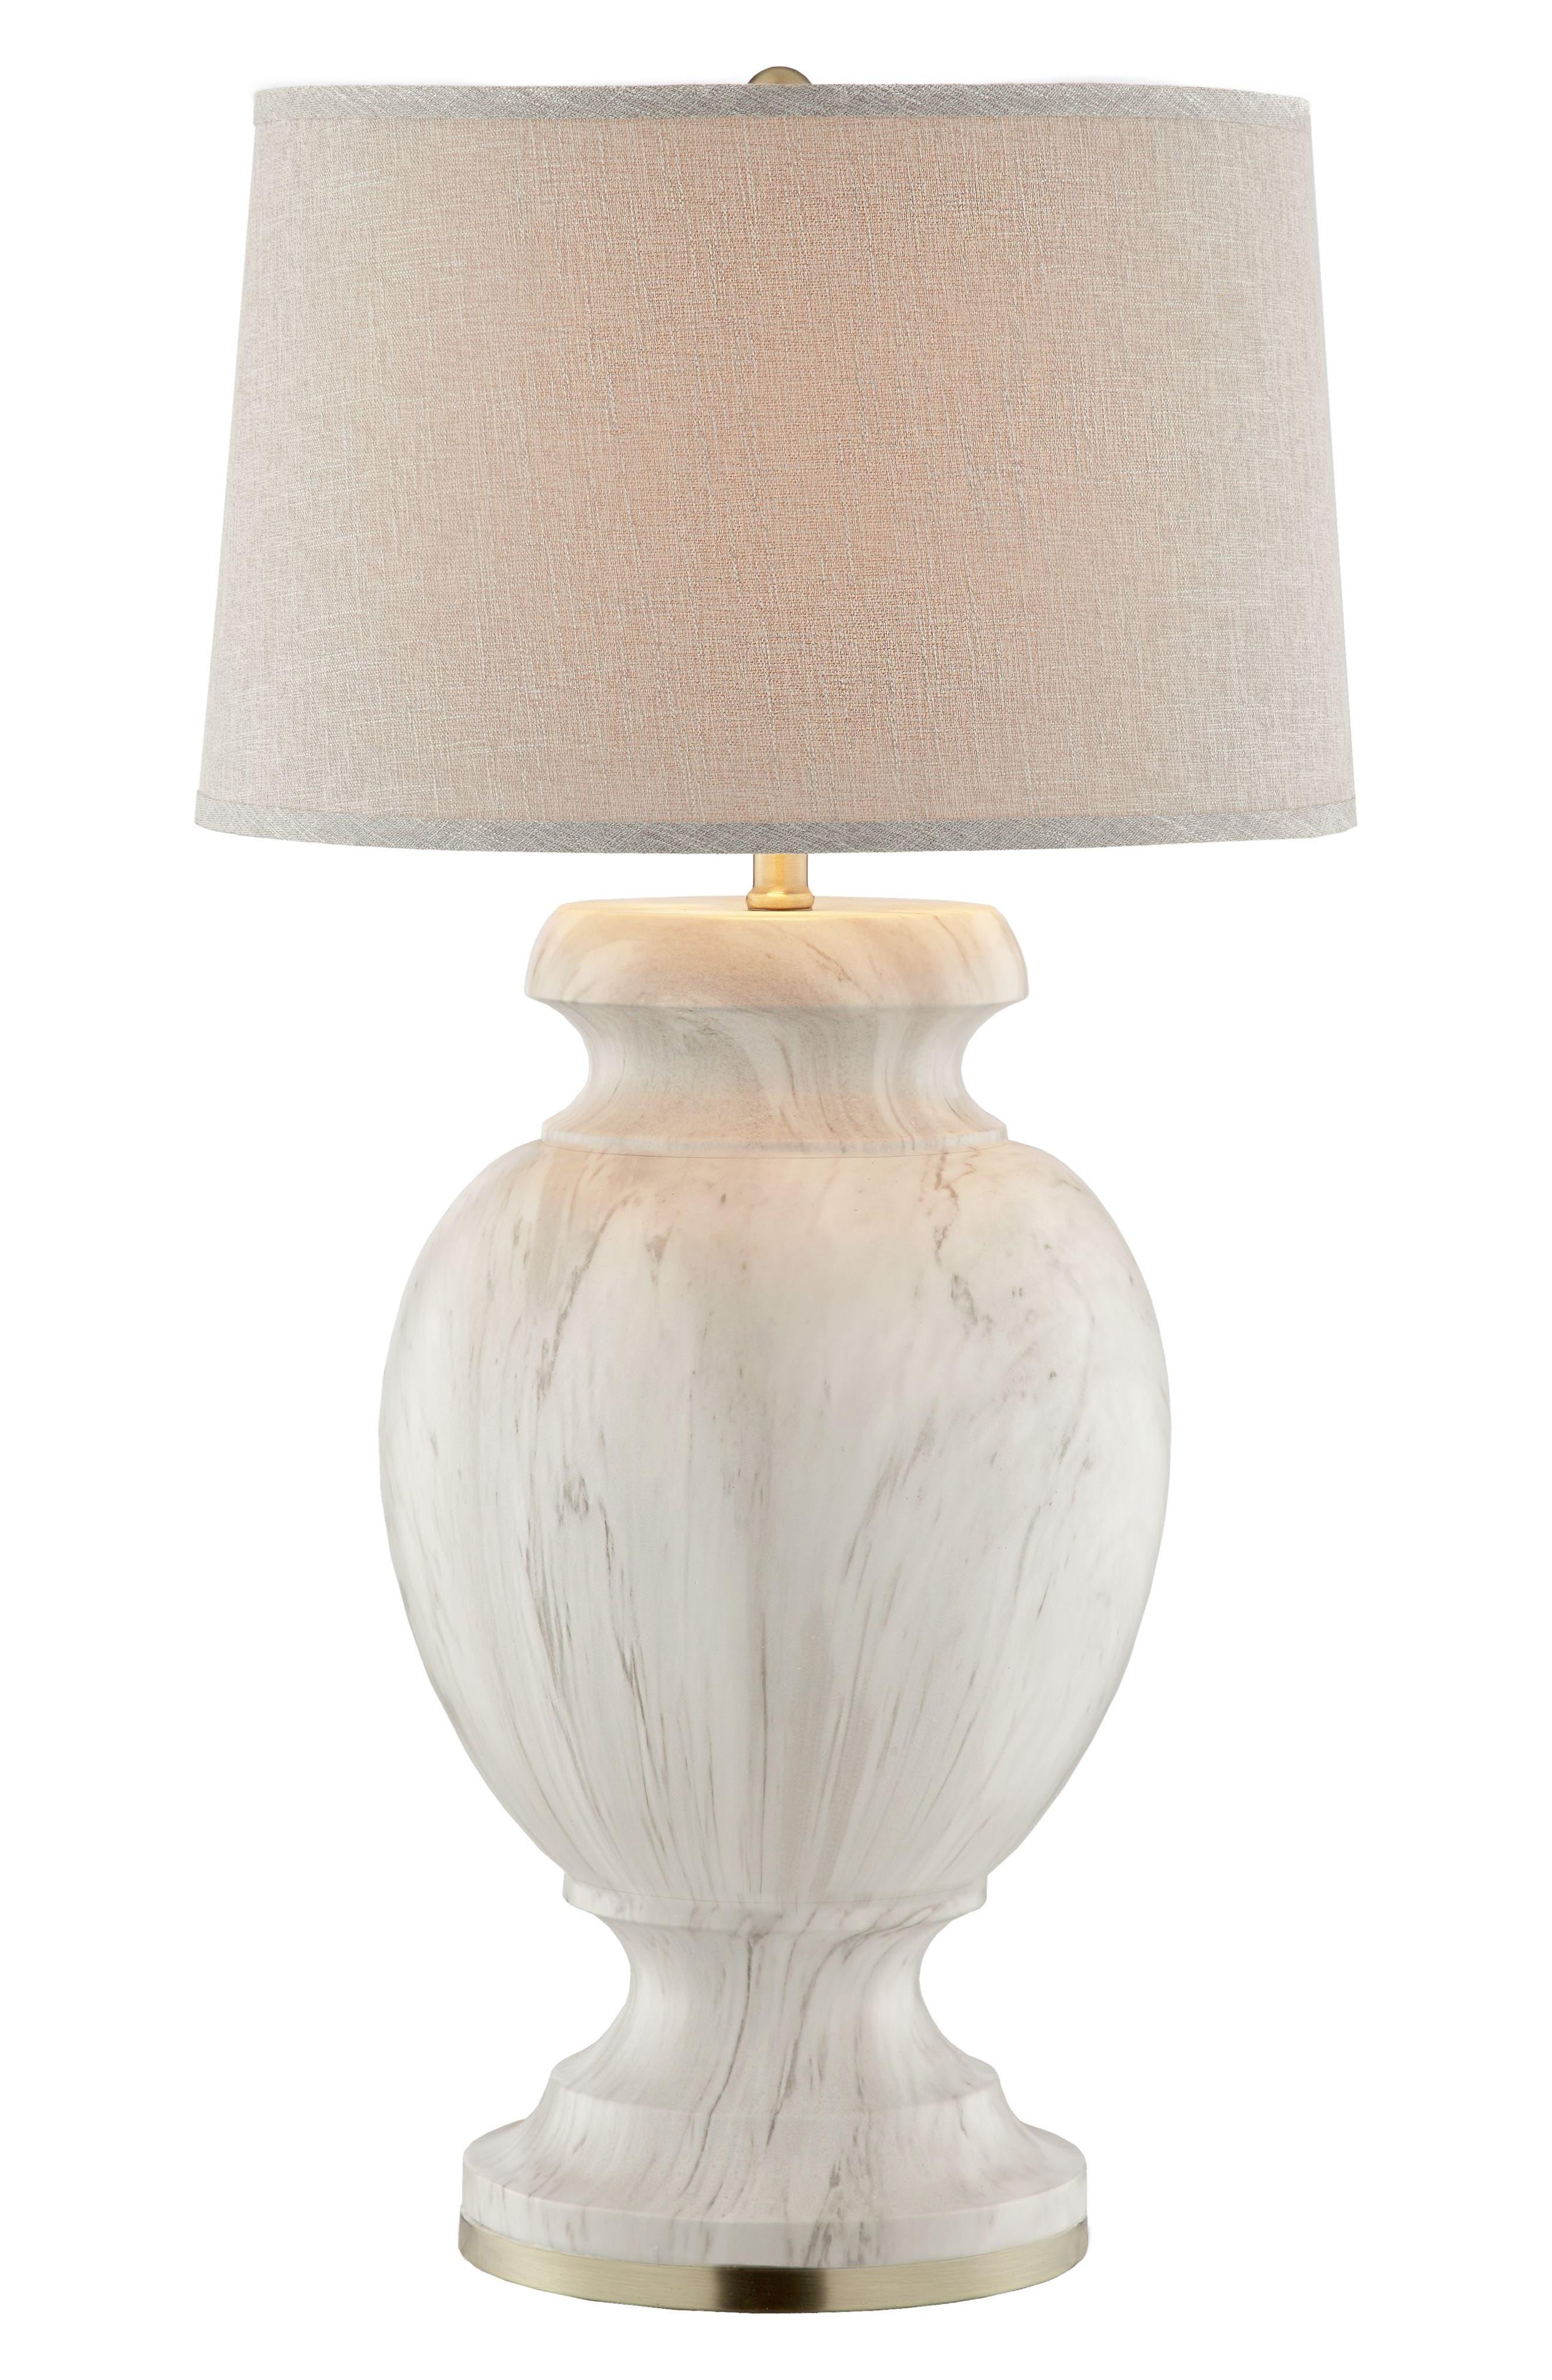 Alternate Image 1 Selected - JAlexander Miranda Table Lamp